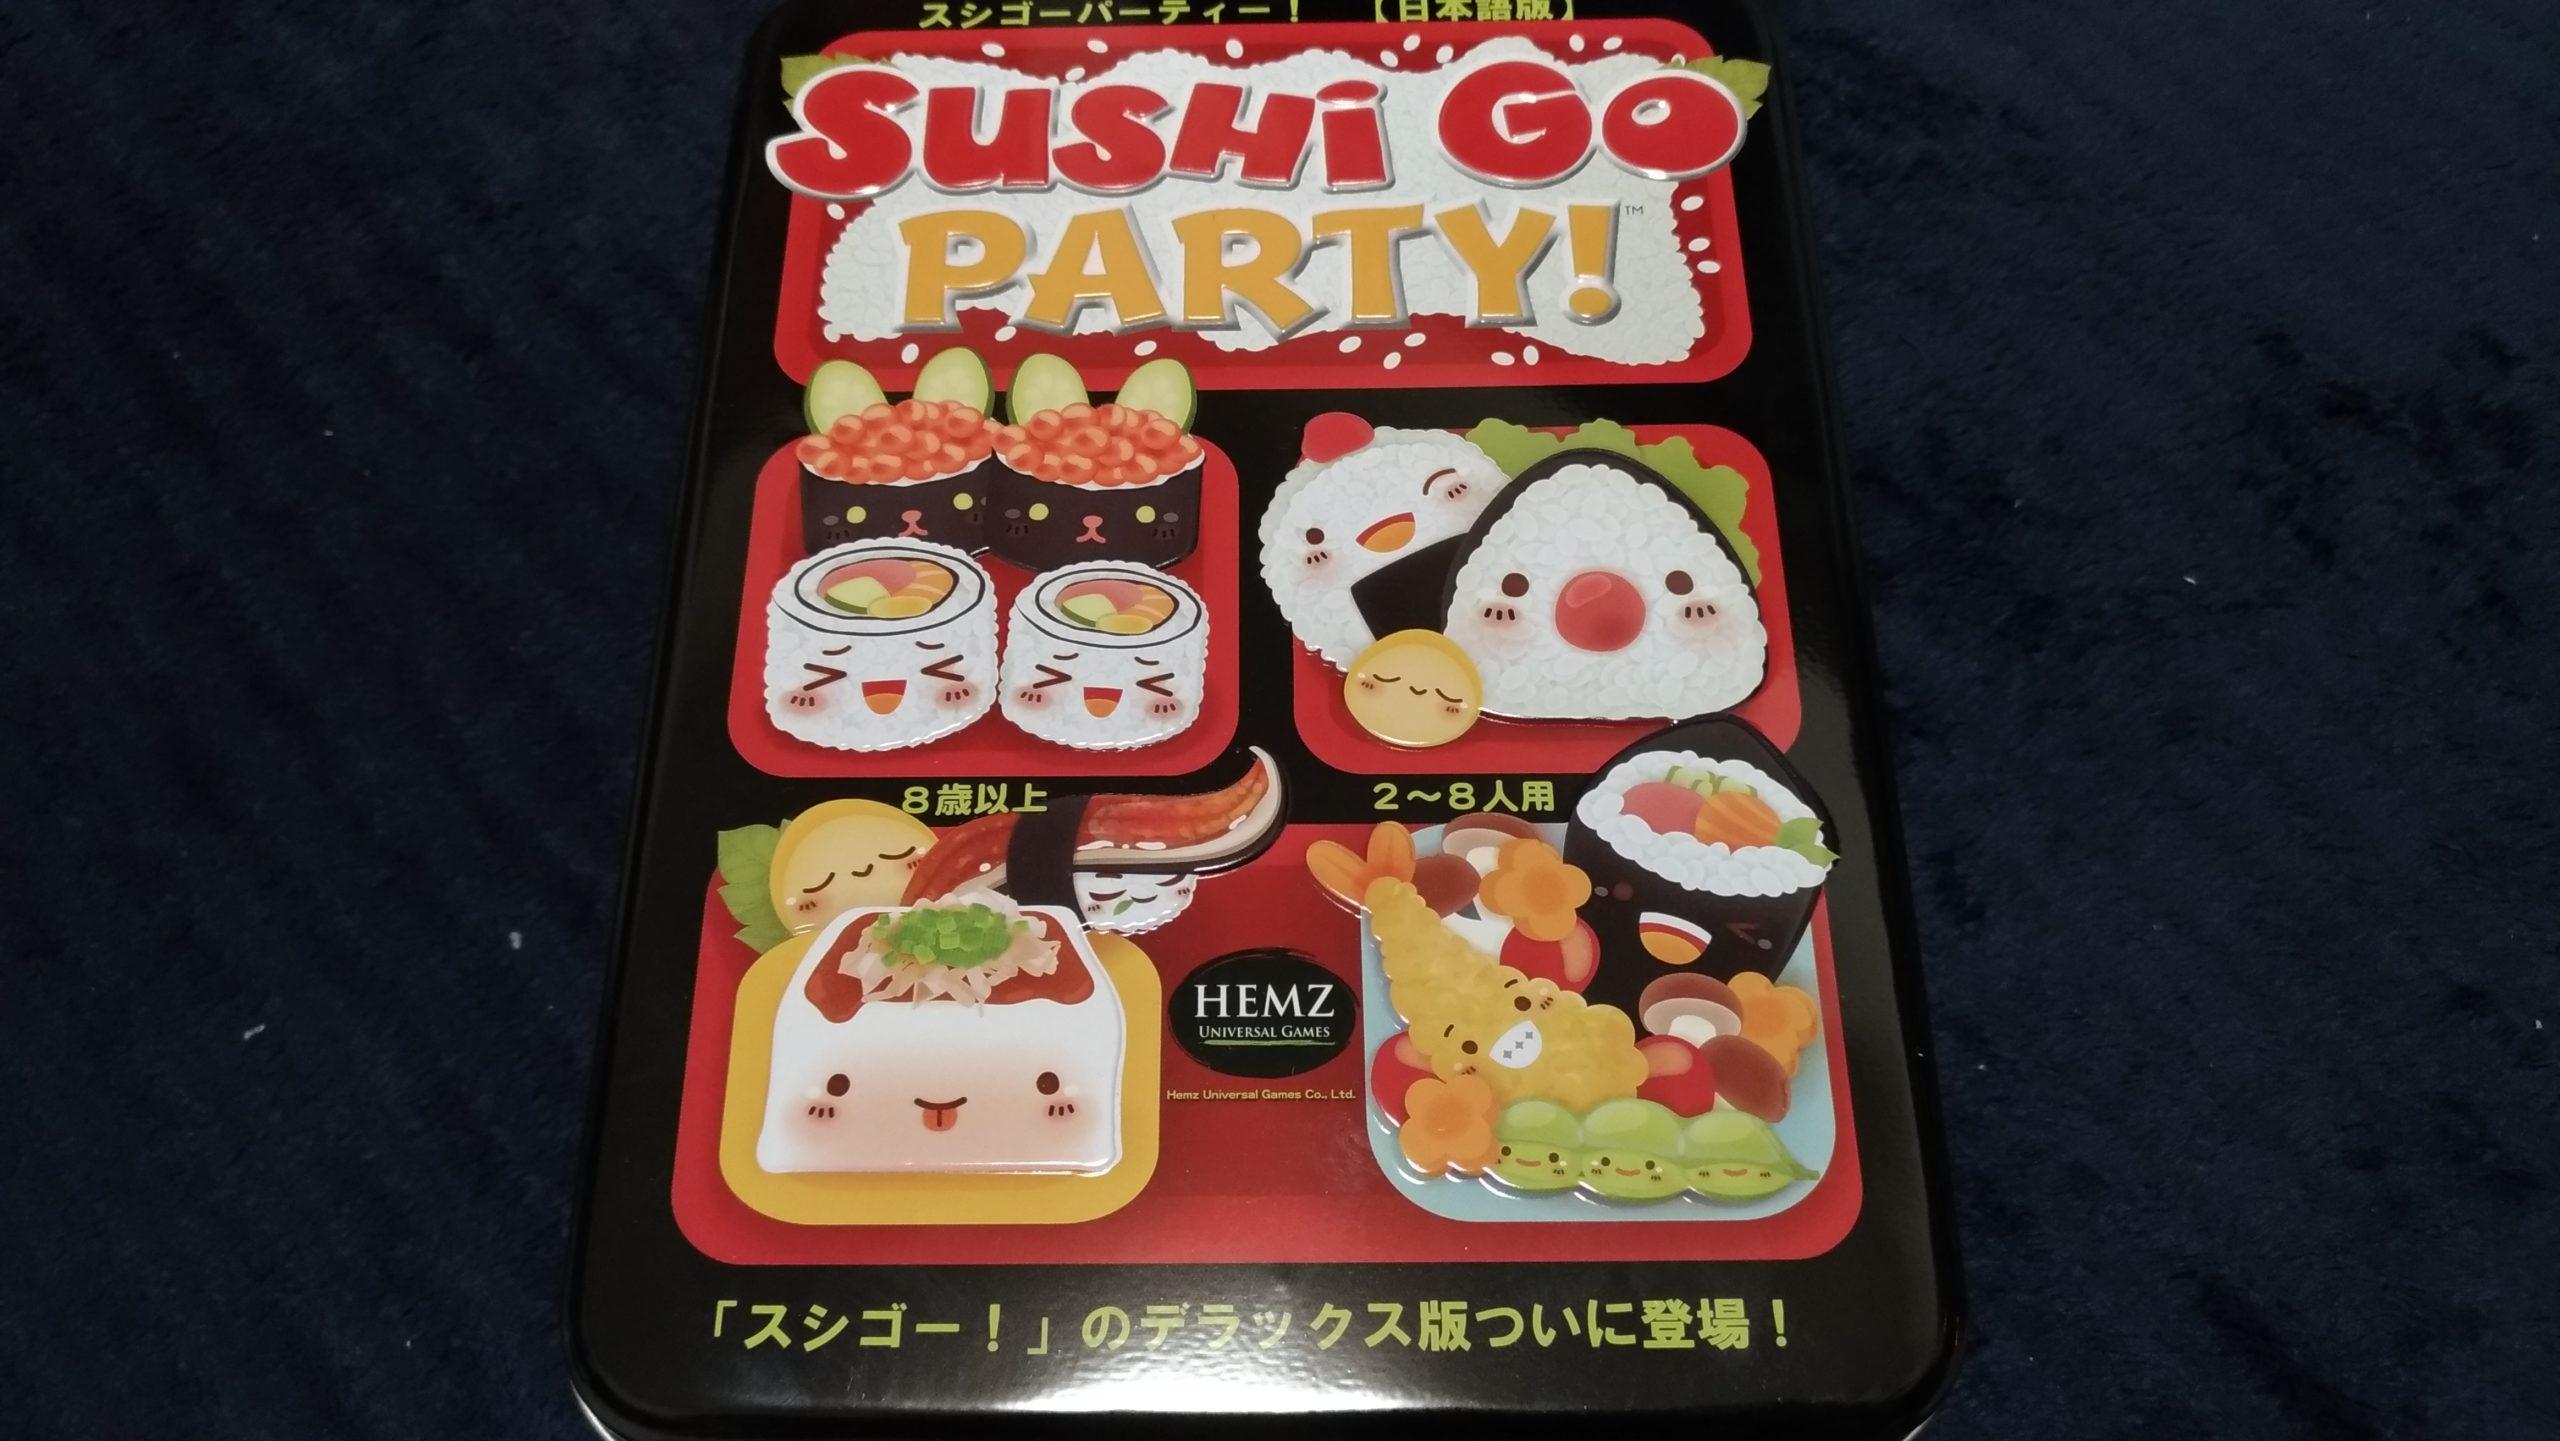 【ボドゲ紹介】スシゴーパーティー(SUSHI GO PARTY)